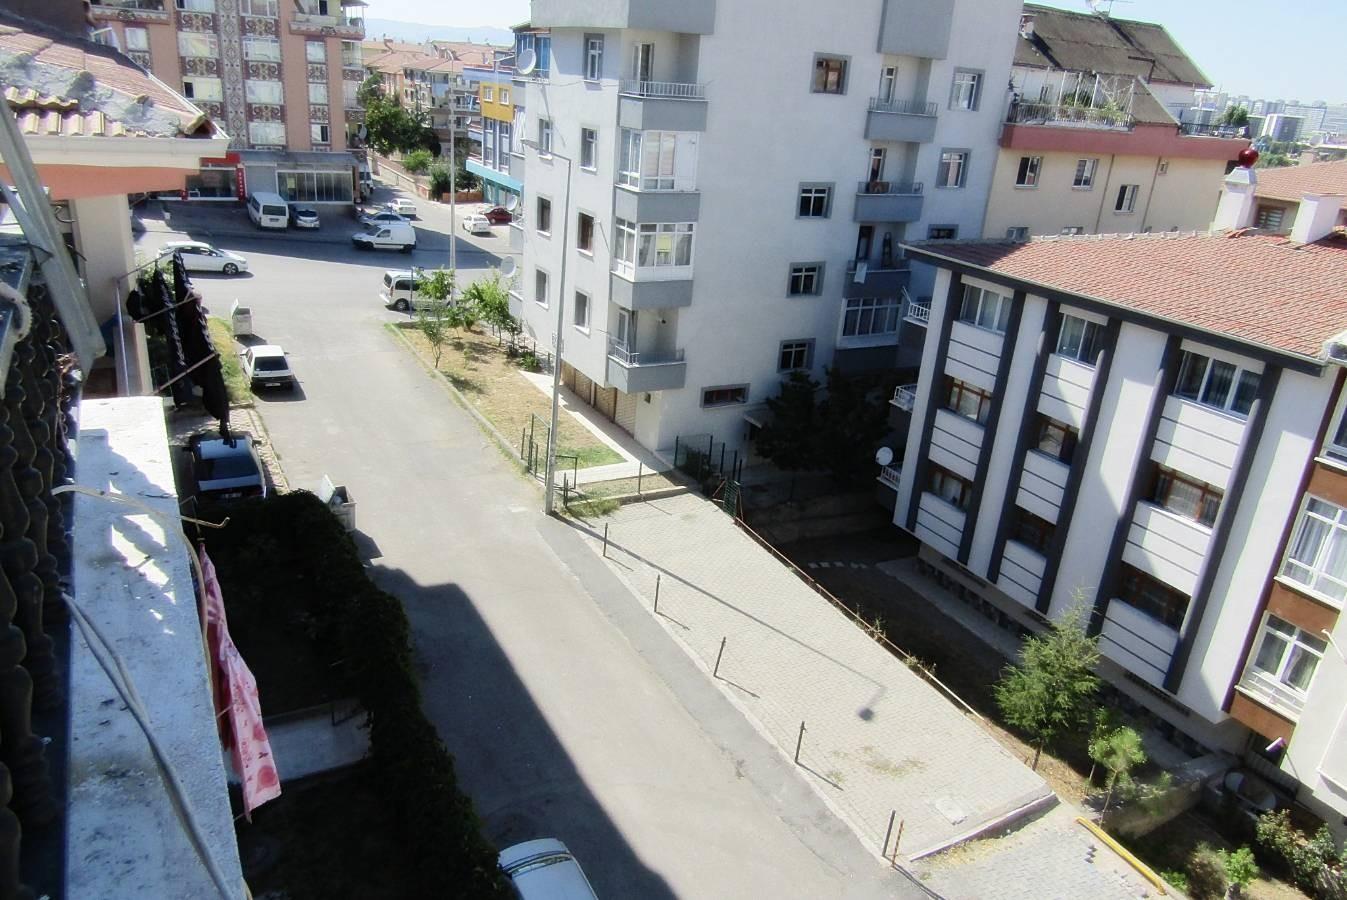 SR EMLAK'TAN K.KARABEKİR MAH'DE 5+1 230m² ÖN CEPHE TRENE YAKIN TERAS